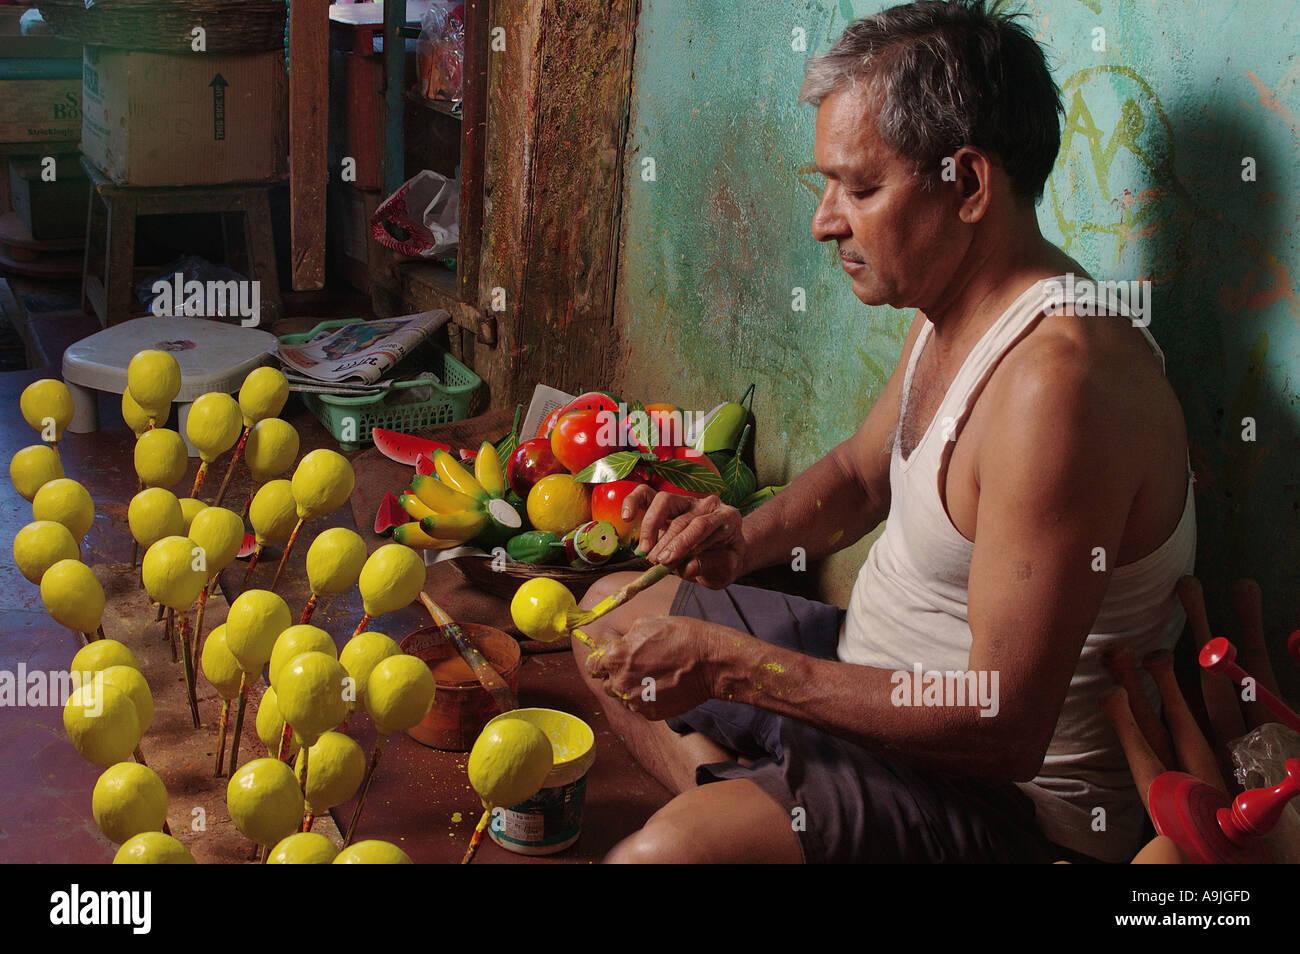 Wooden Toys Maharashtra Stock Photos Wooden Toys Maharashtra Stock